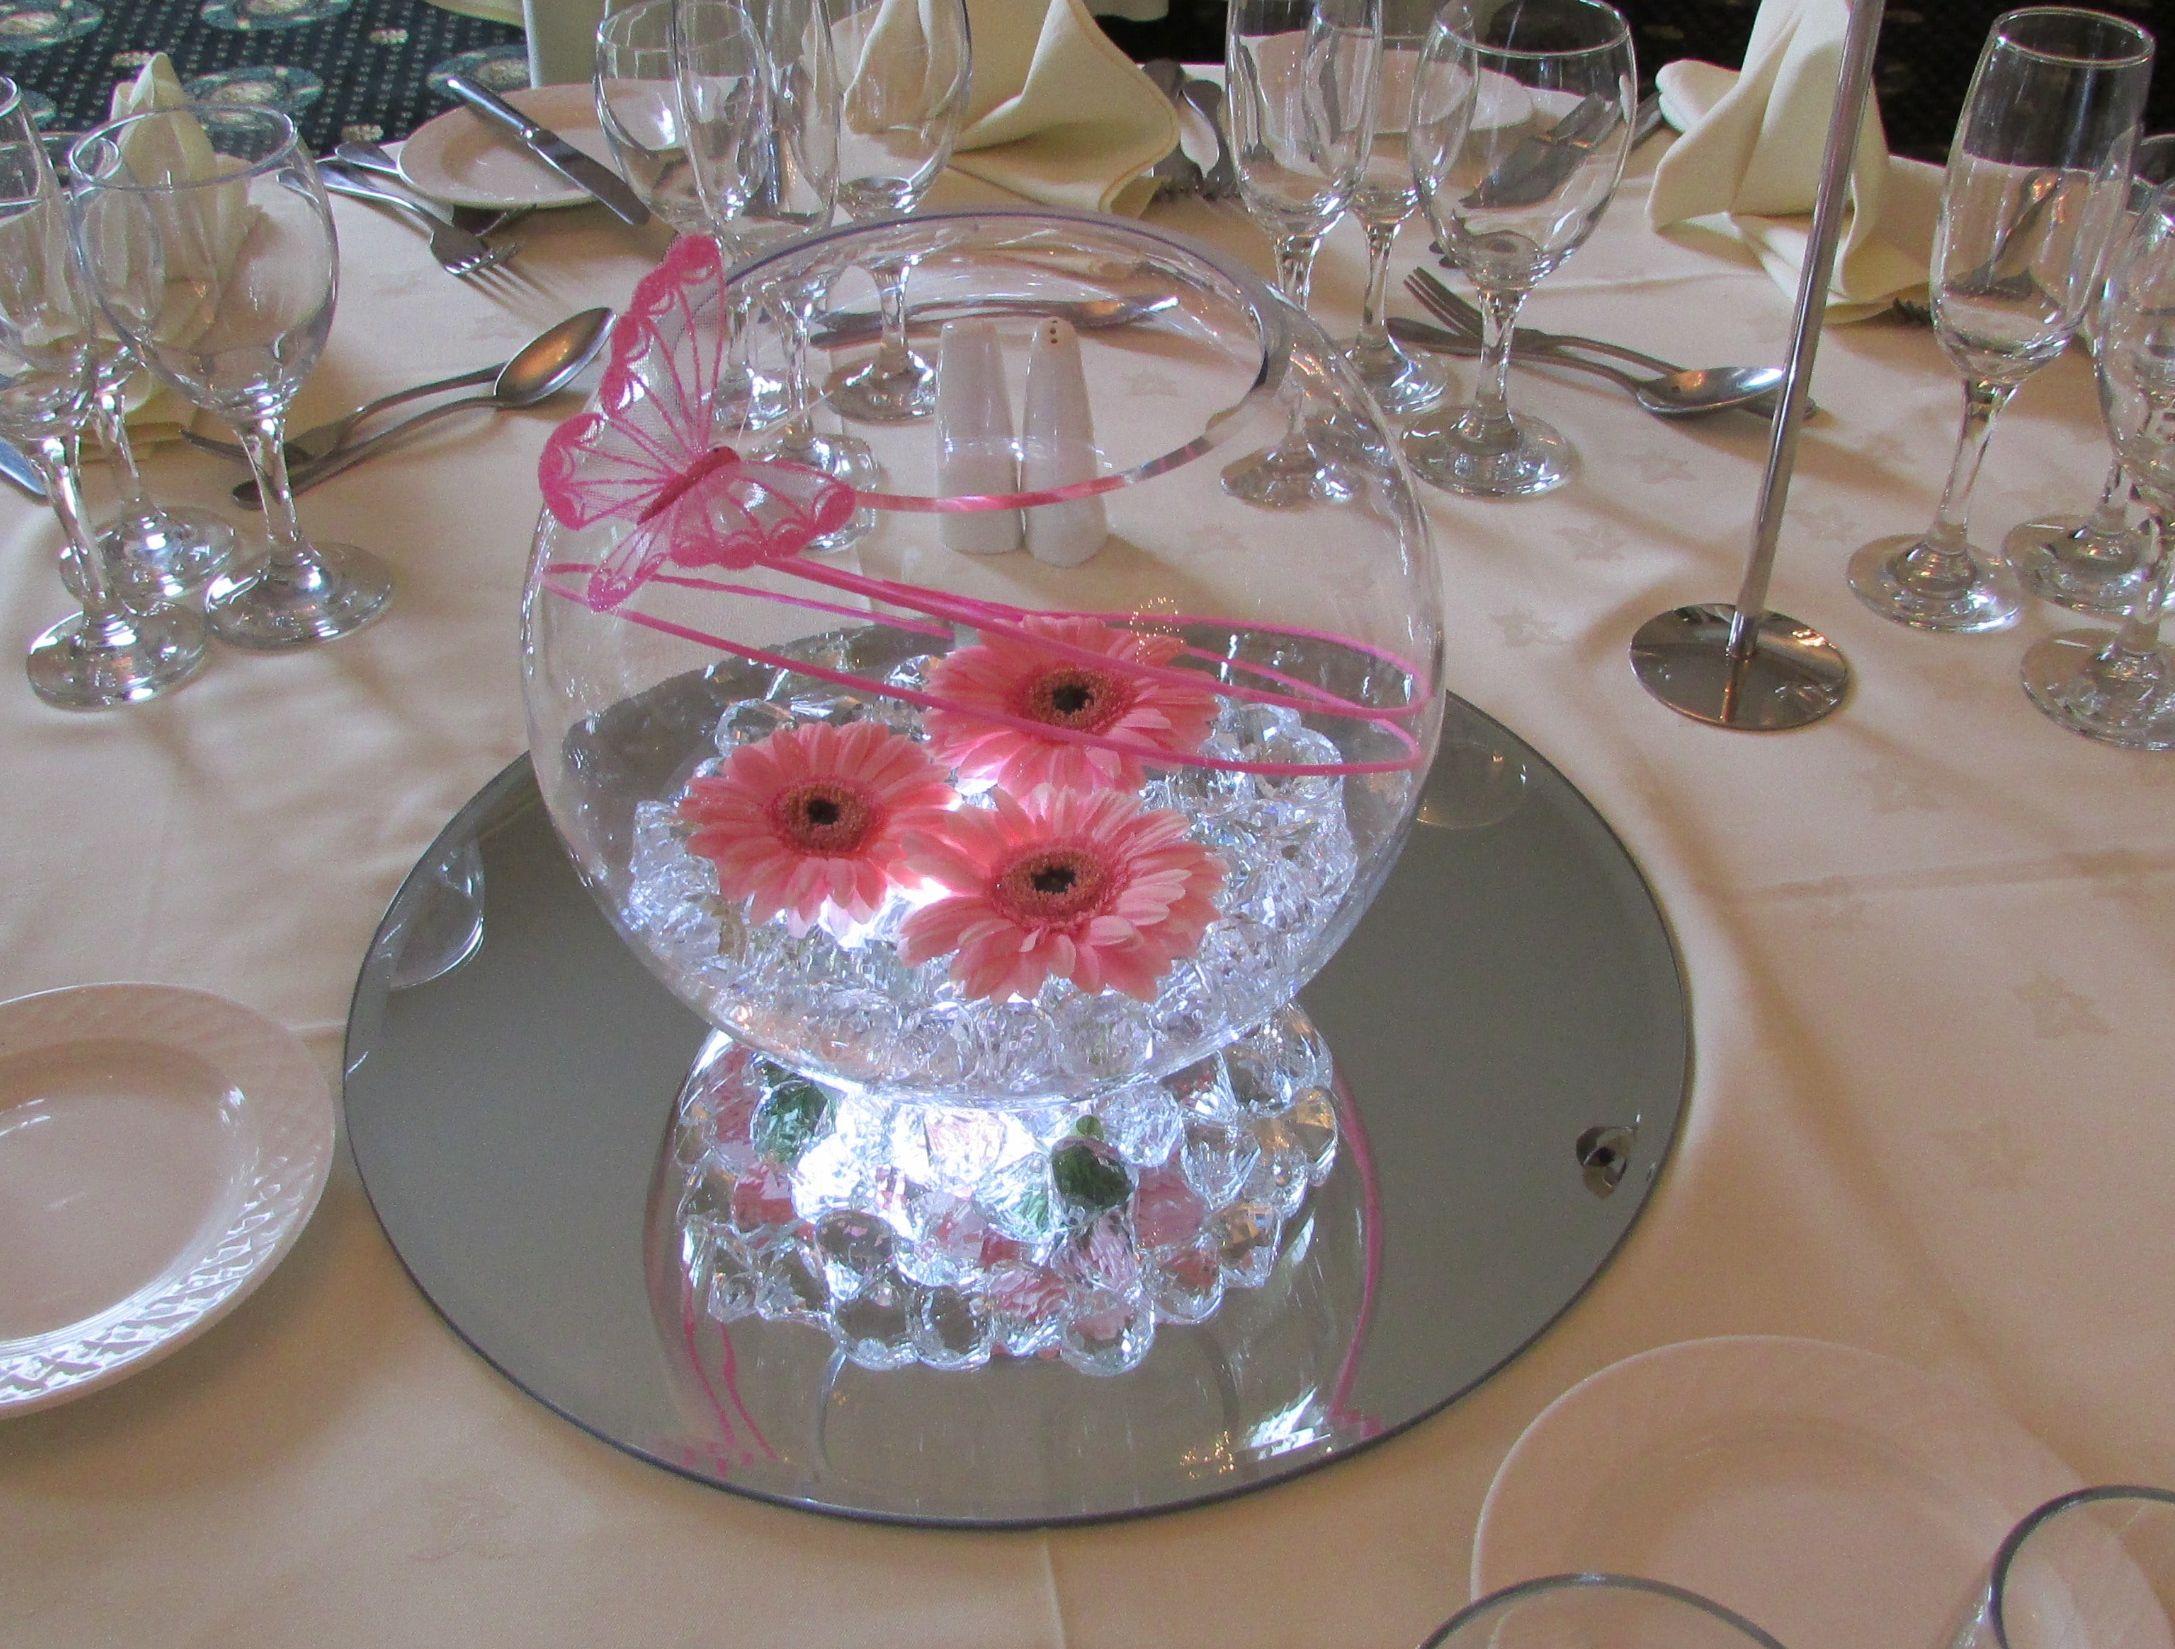 Pin By Barbara Pierson On Arreglos Wedding Table Decorations Uk Wedding Table Table Decorations